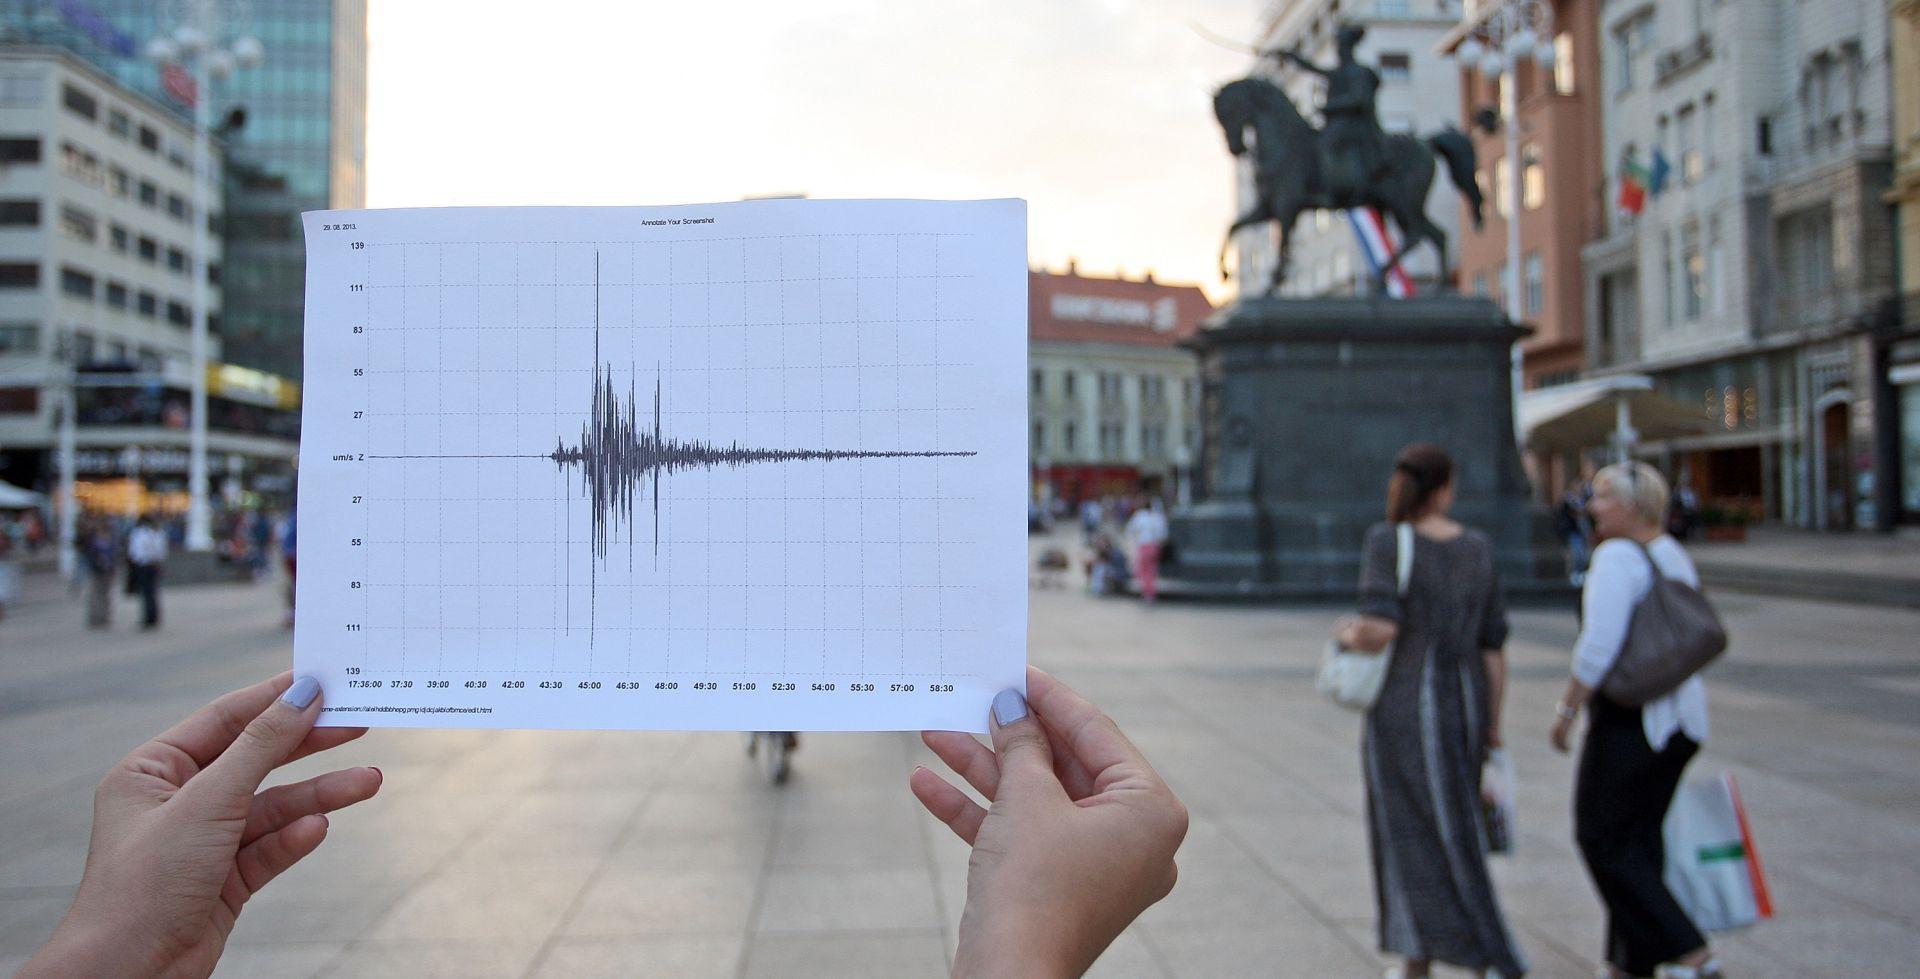 MIŠLJENJE SEIZMOLOGA: Krešimir Kuk objasnio trebaju li Zagrepčani strahovati od potresa